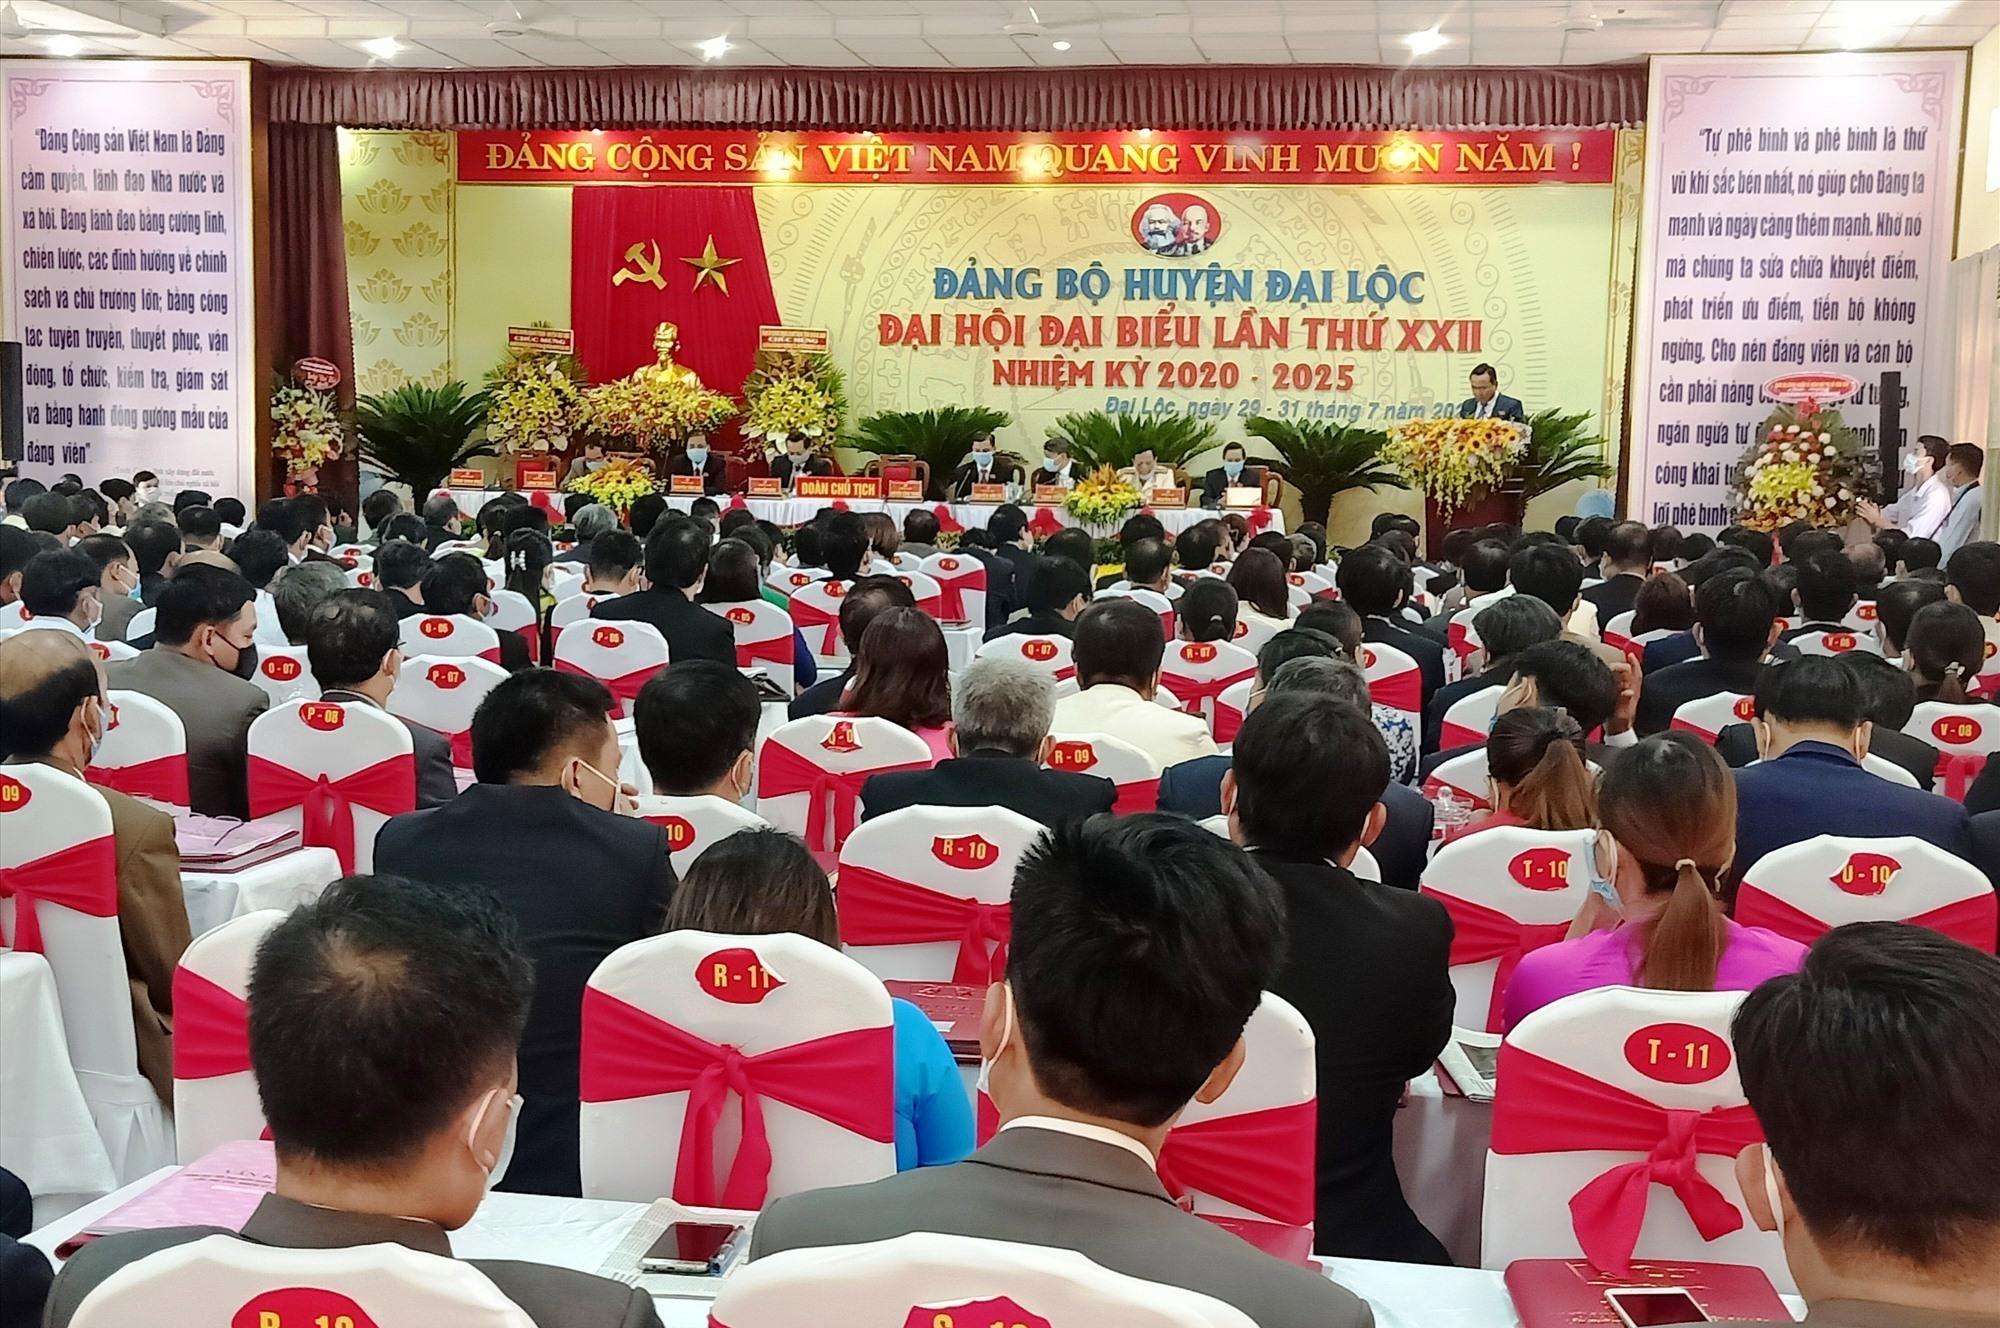 Quang cảnh Đại hội đại biểu Đảng bộ huyện Đại Lộc lần thứ XXII (nhiệm kỳ 2020 - 2025). Ảnh: HOÀNG LIÊN